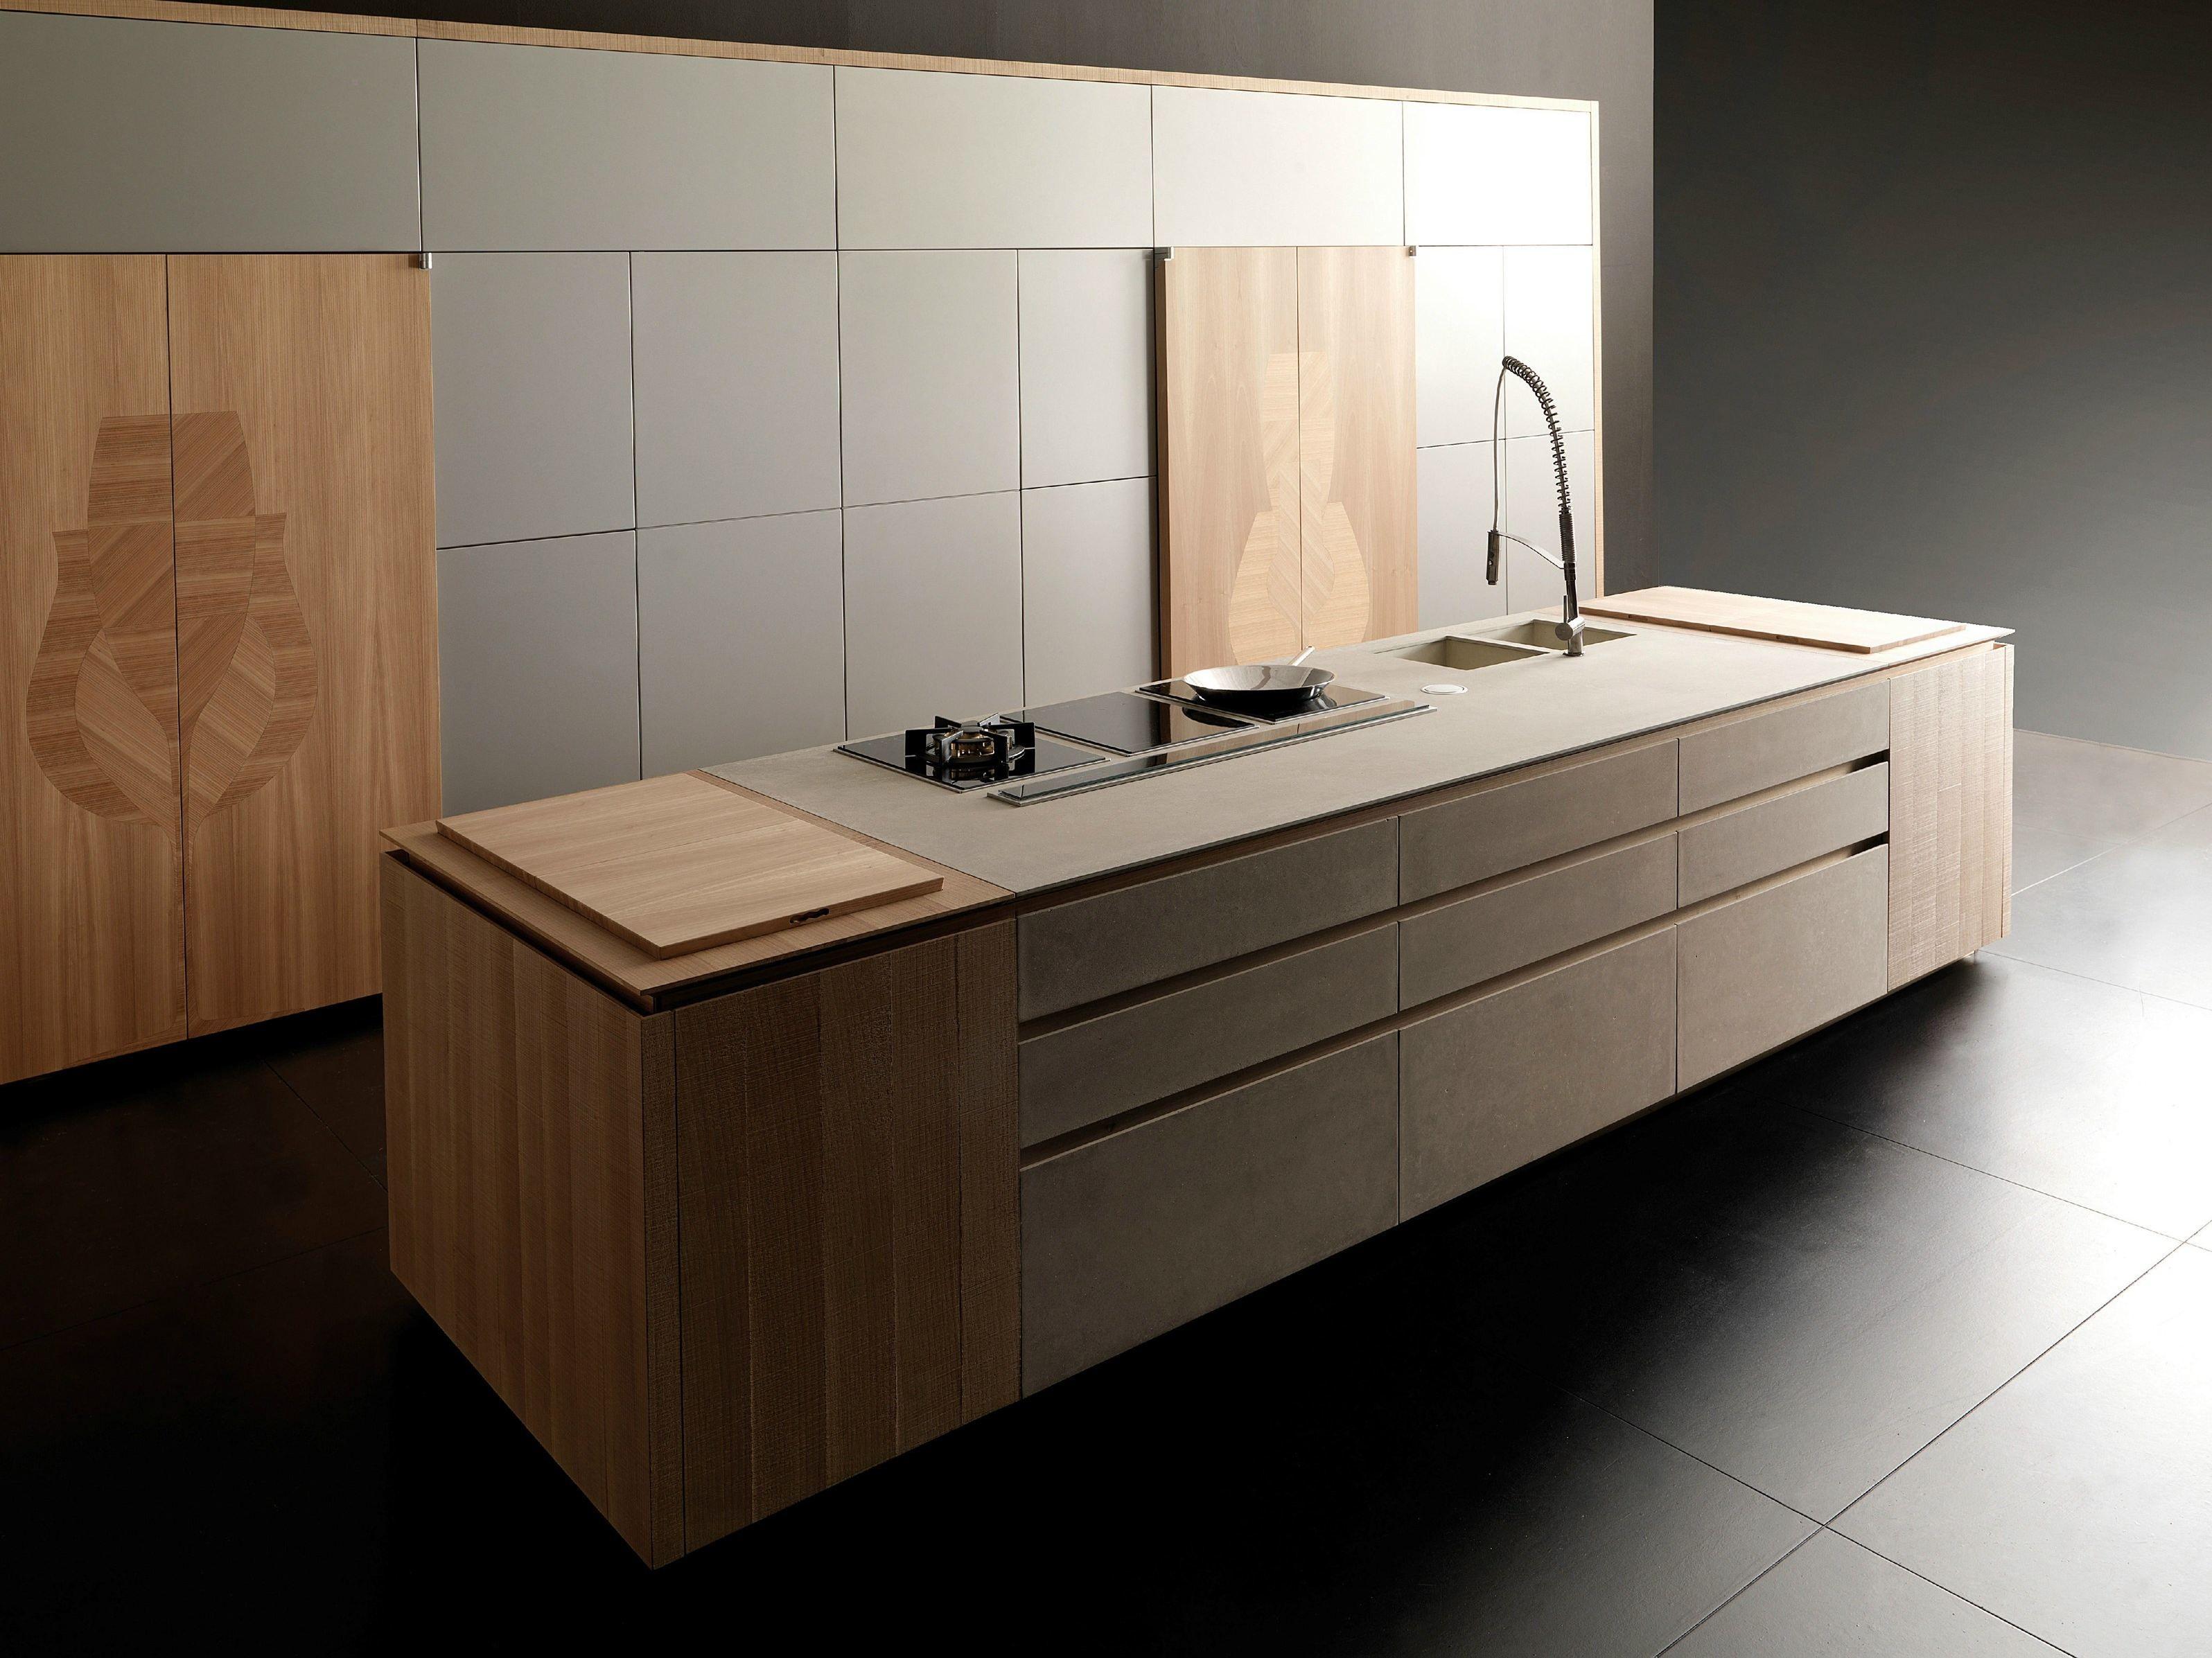 Küche aus Zement mit Kücheninsel WIND ETA BEIGE Kollektion Wind by ...